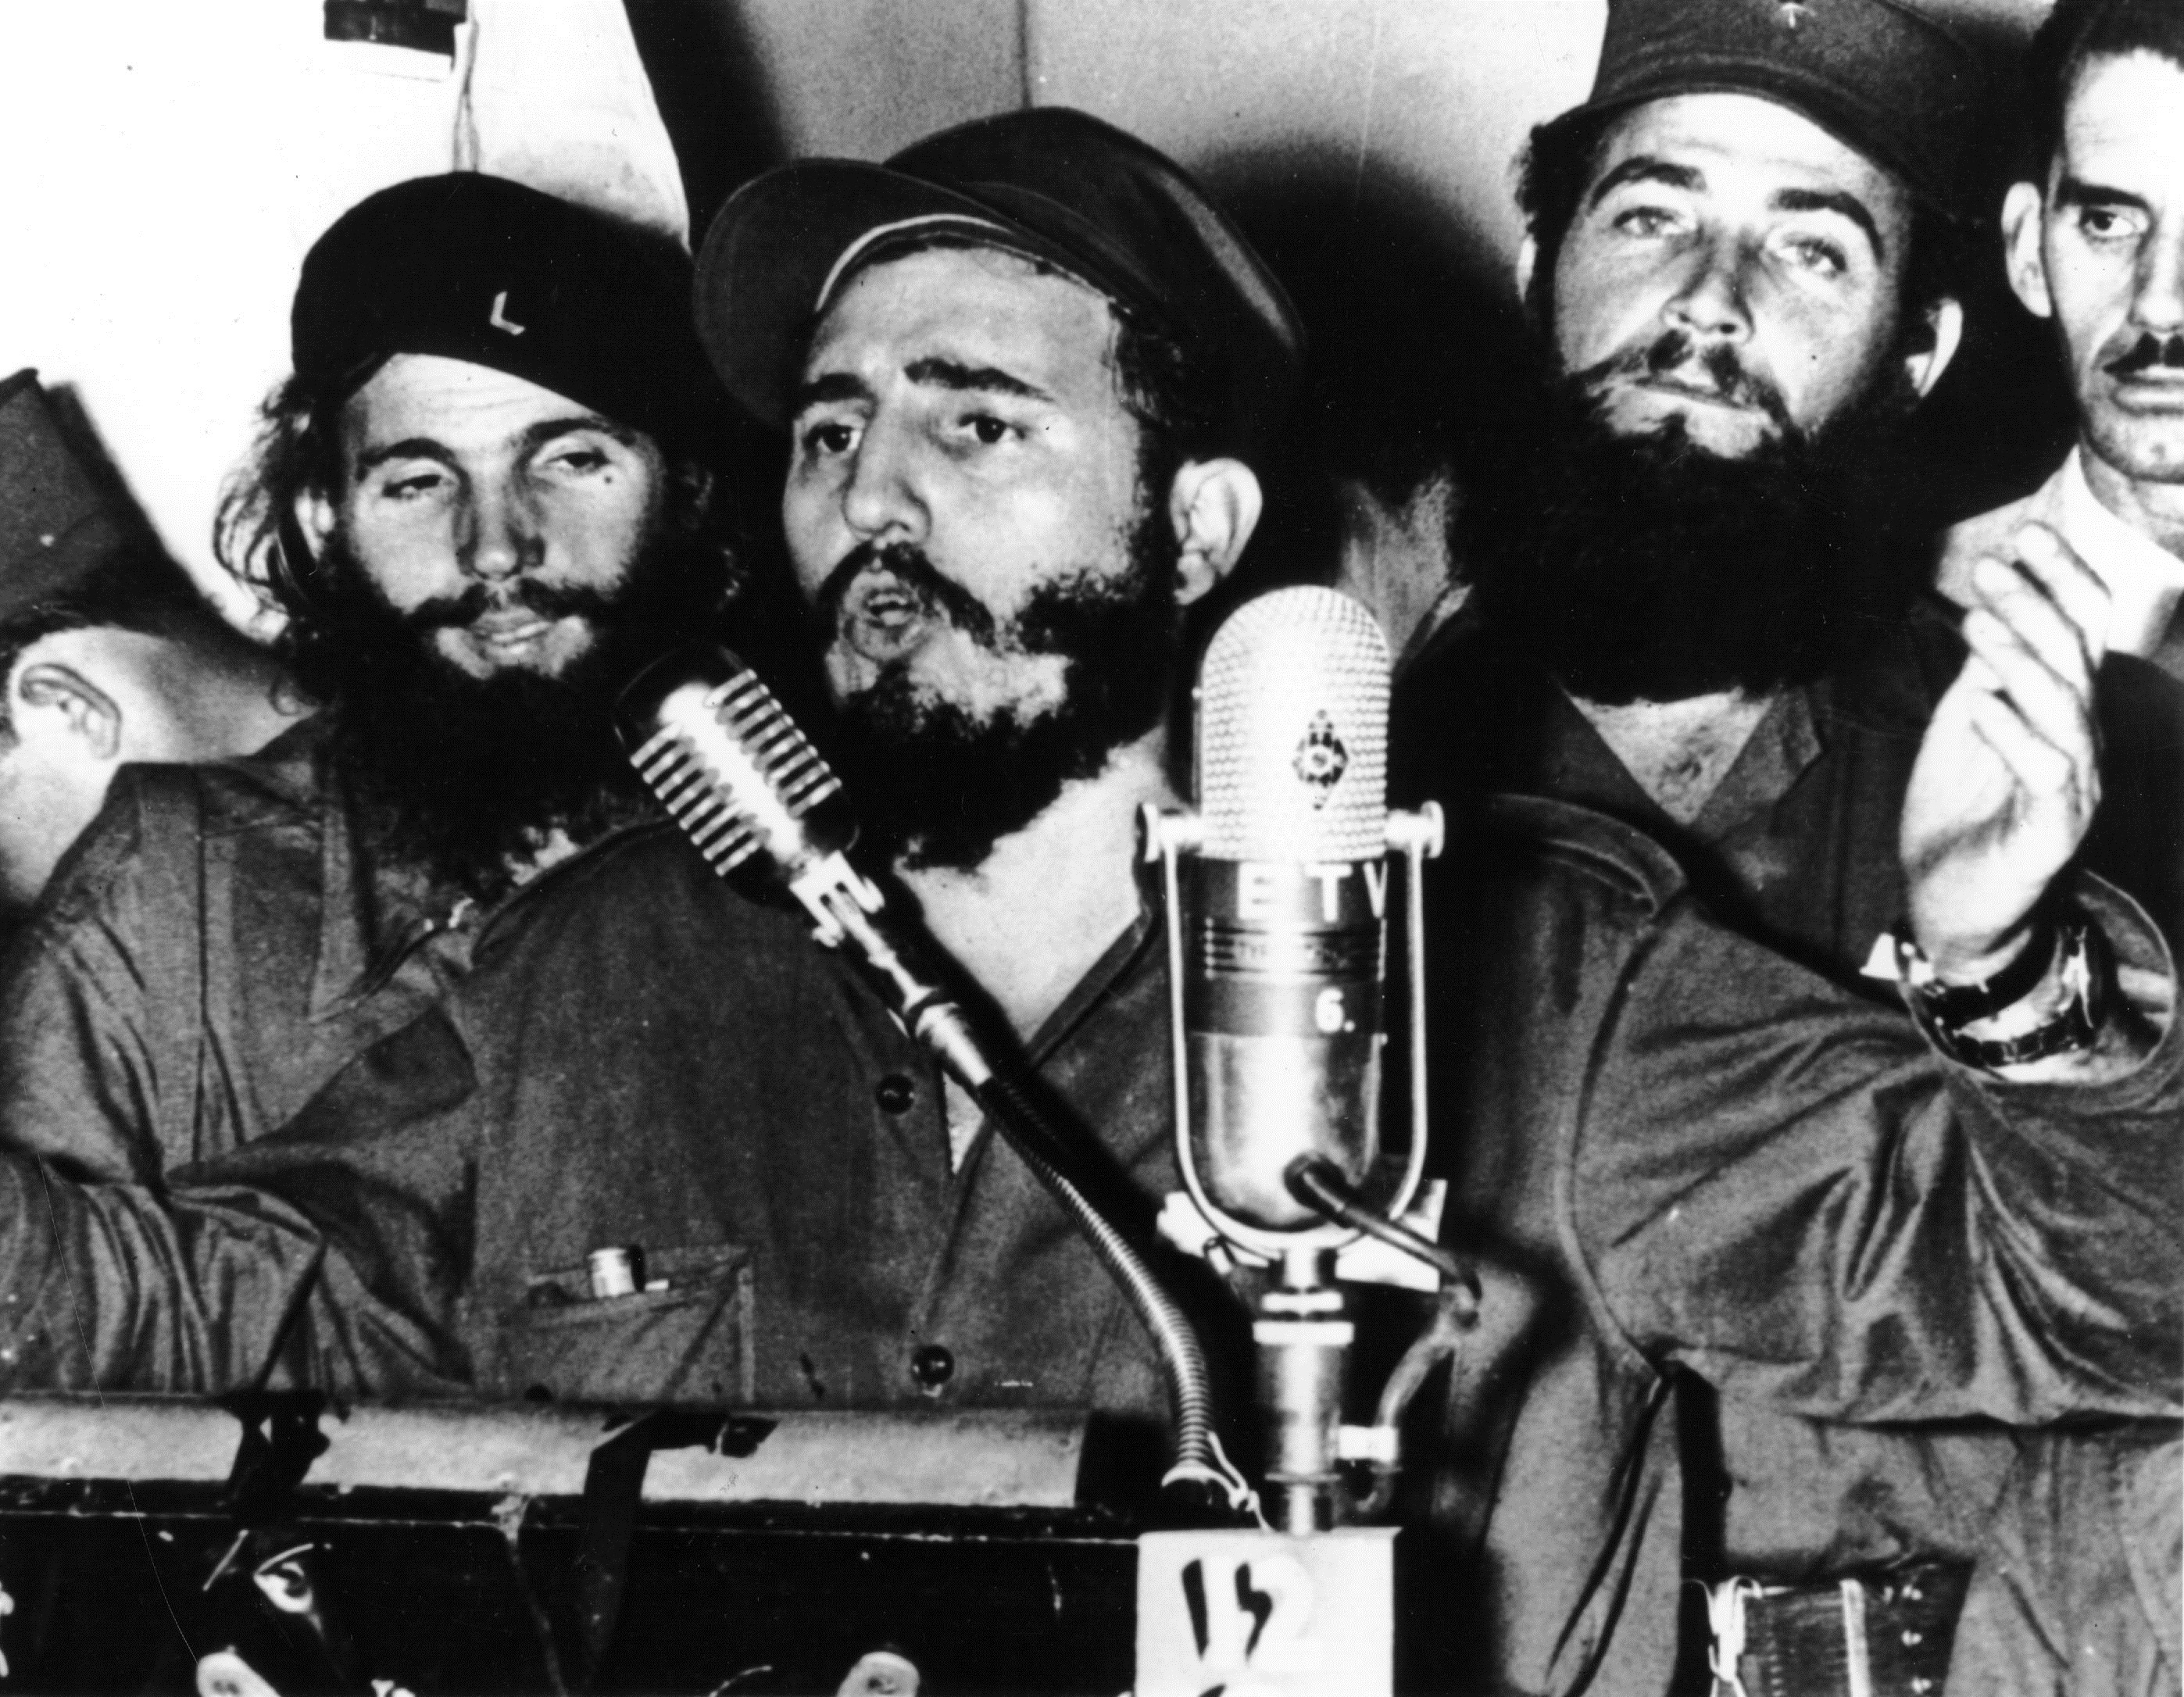 Кубинският революционер Фидел Кастро по време на реч, след като президена Батиста е принуден да се оттегли.